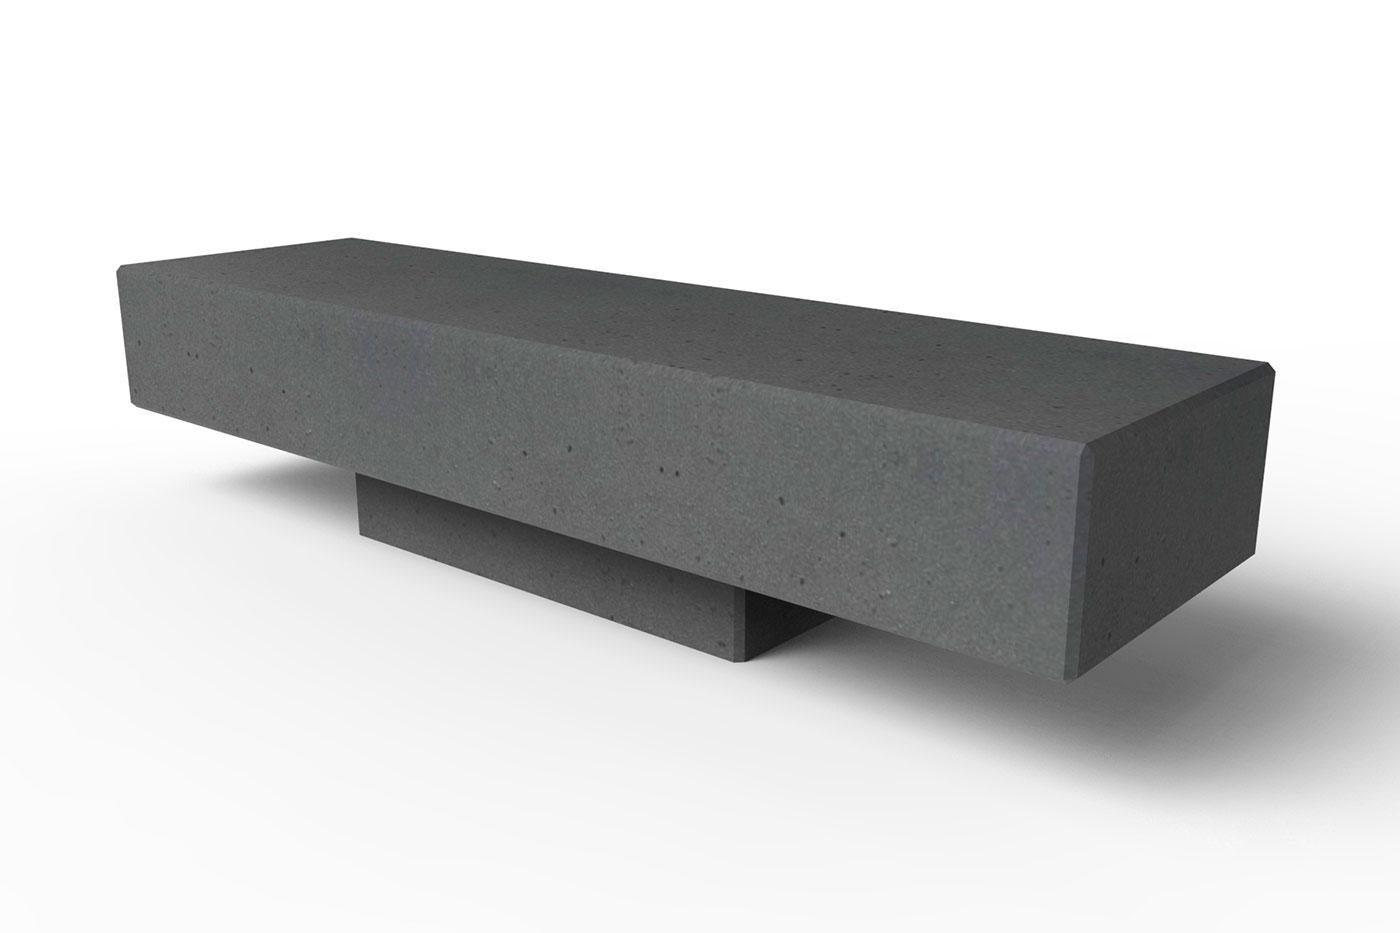 Скамейка из бетонных блоков. Тяжёлая и минималистичная.